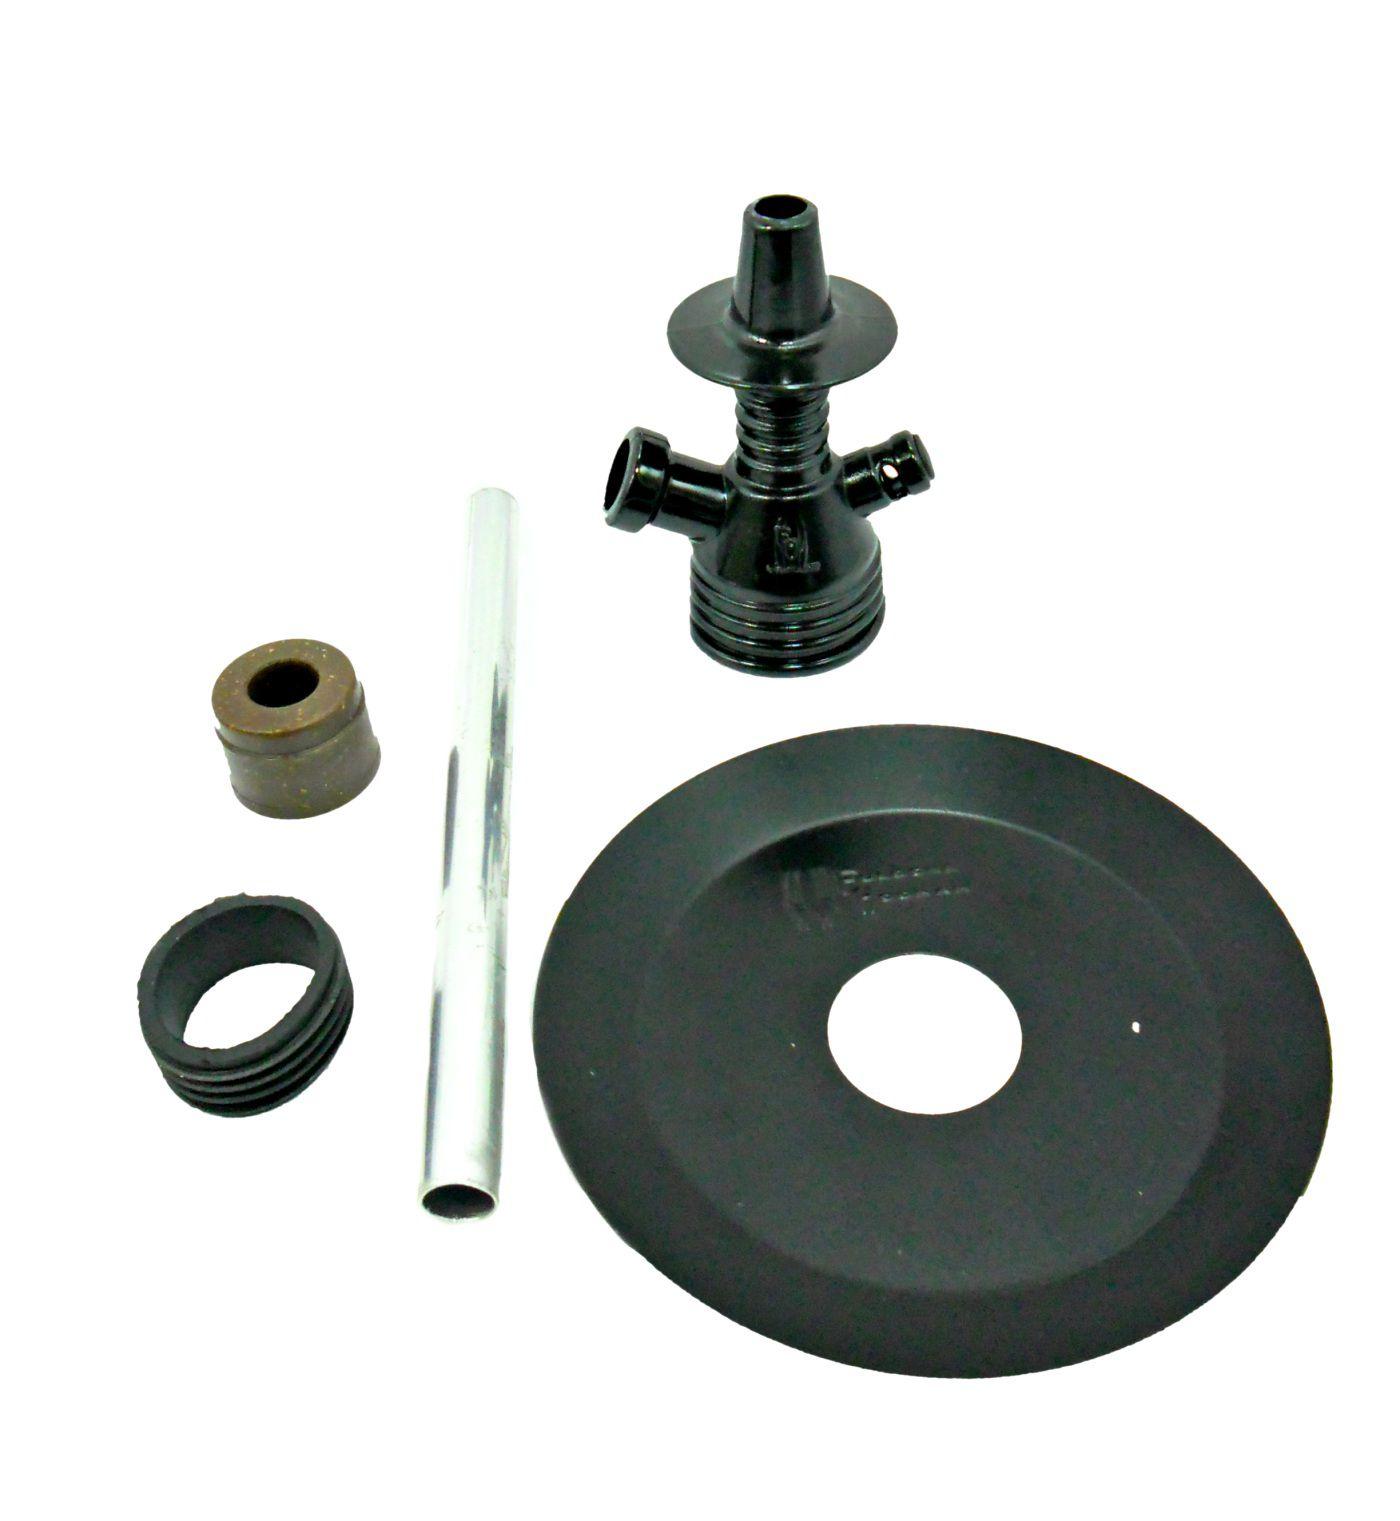 Stem (corpo de narguile) Fulgore polipropileno p/montar em garrafa. Stem, tubo, prato e vedação.